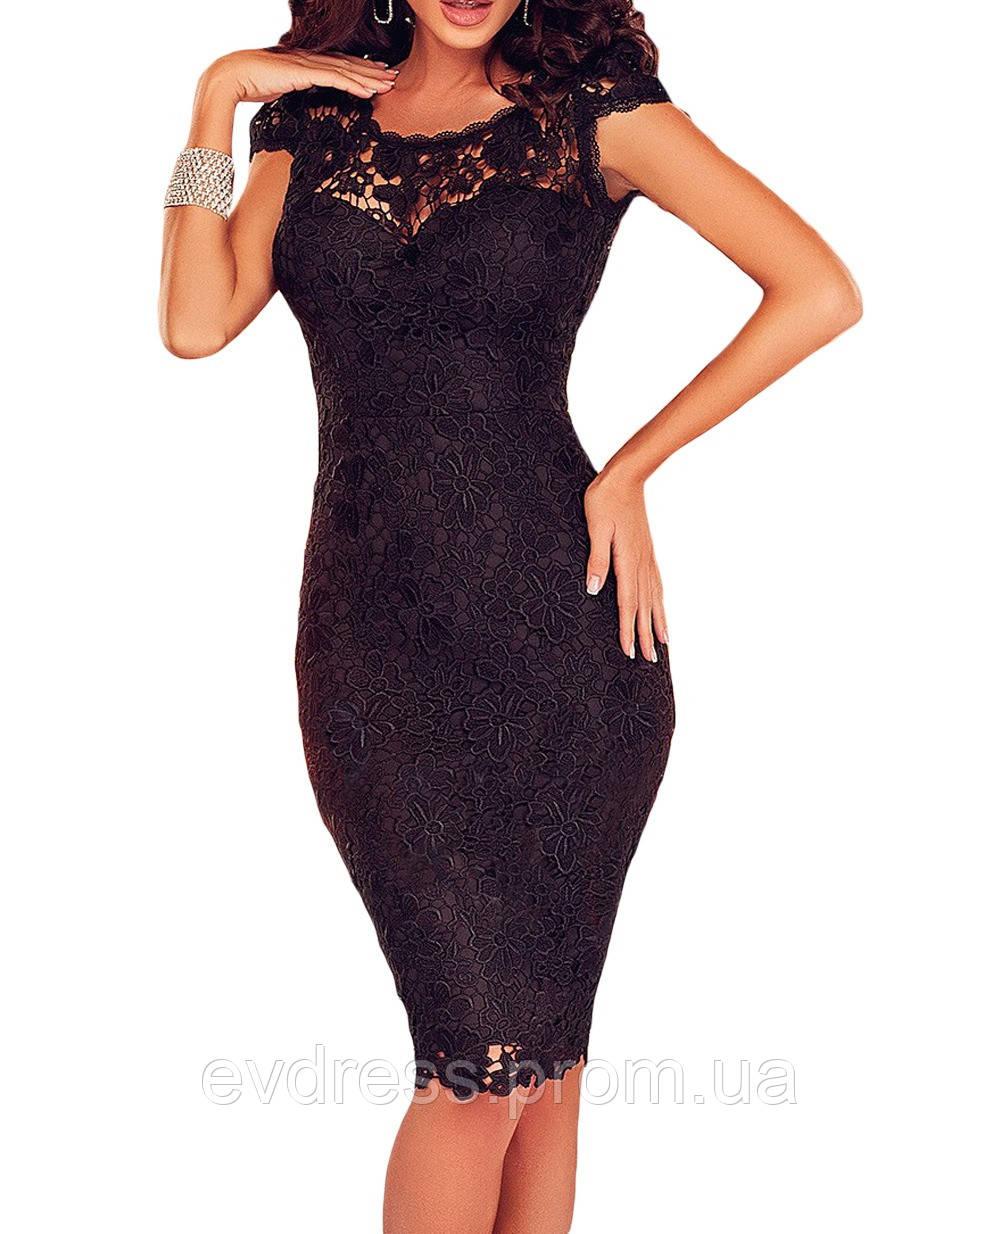 791794e01a4 Кружевное черное вечернее коктейльное платье до колен из каталога маленькое черное  платье MD-61093 -